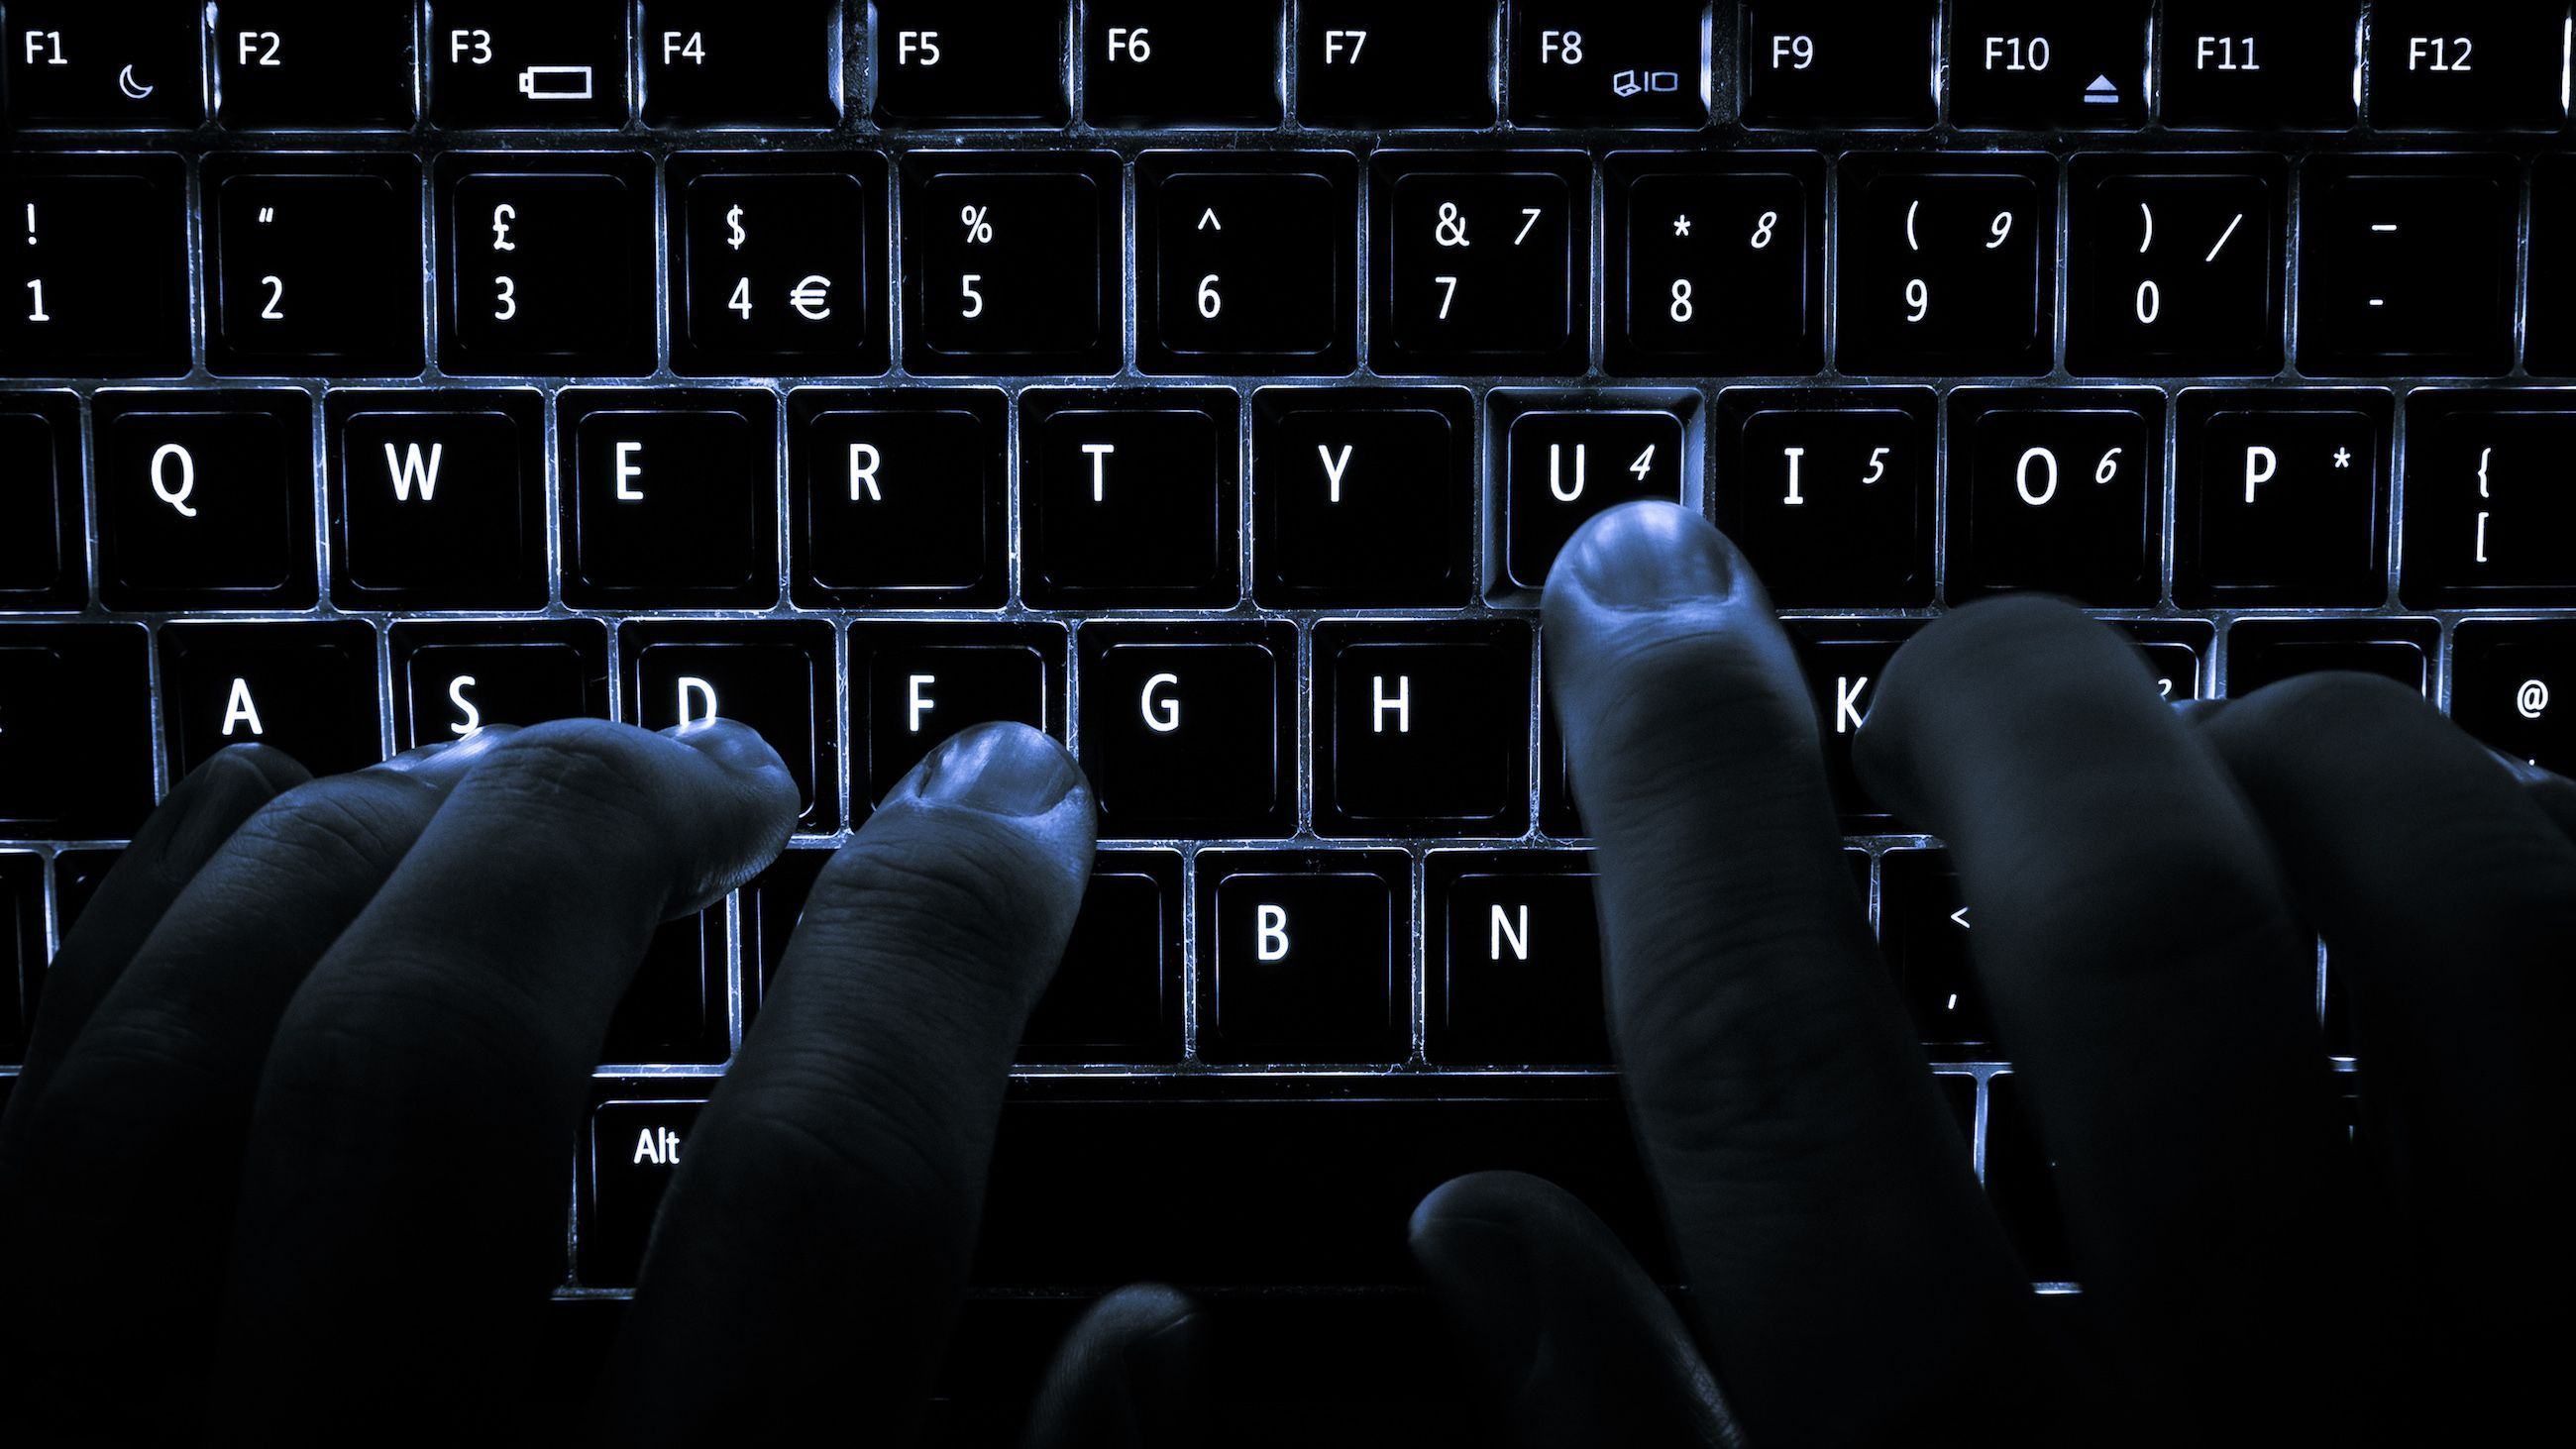 Hackean al periódico Reforma - Ataque hacker - privacidad digital en viajes - que es la dark web - dark web vs deep web - que es la dark web - dark web vs deep web - dark web como entrar - Cómo evitar el phishing. Phishing ejemplos. vuelos baratos a Europa